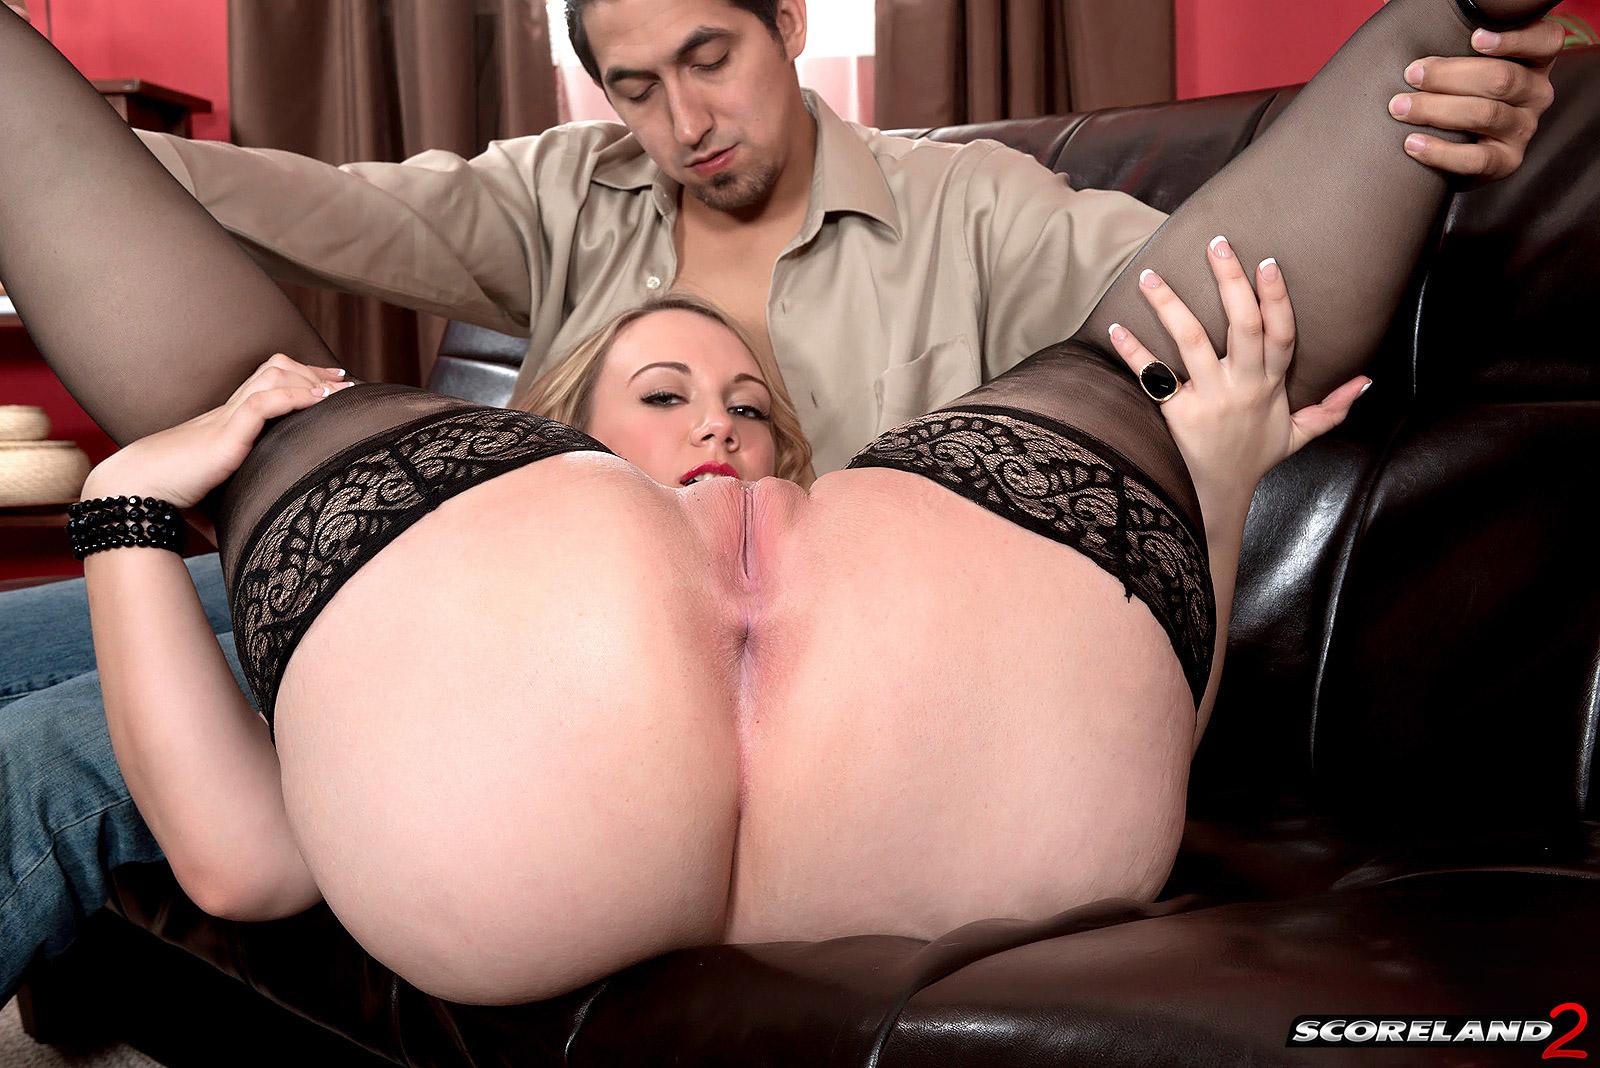 Смотреть видео порно большие жопы в чулках# ukstroycom.ru ...